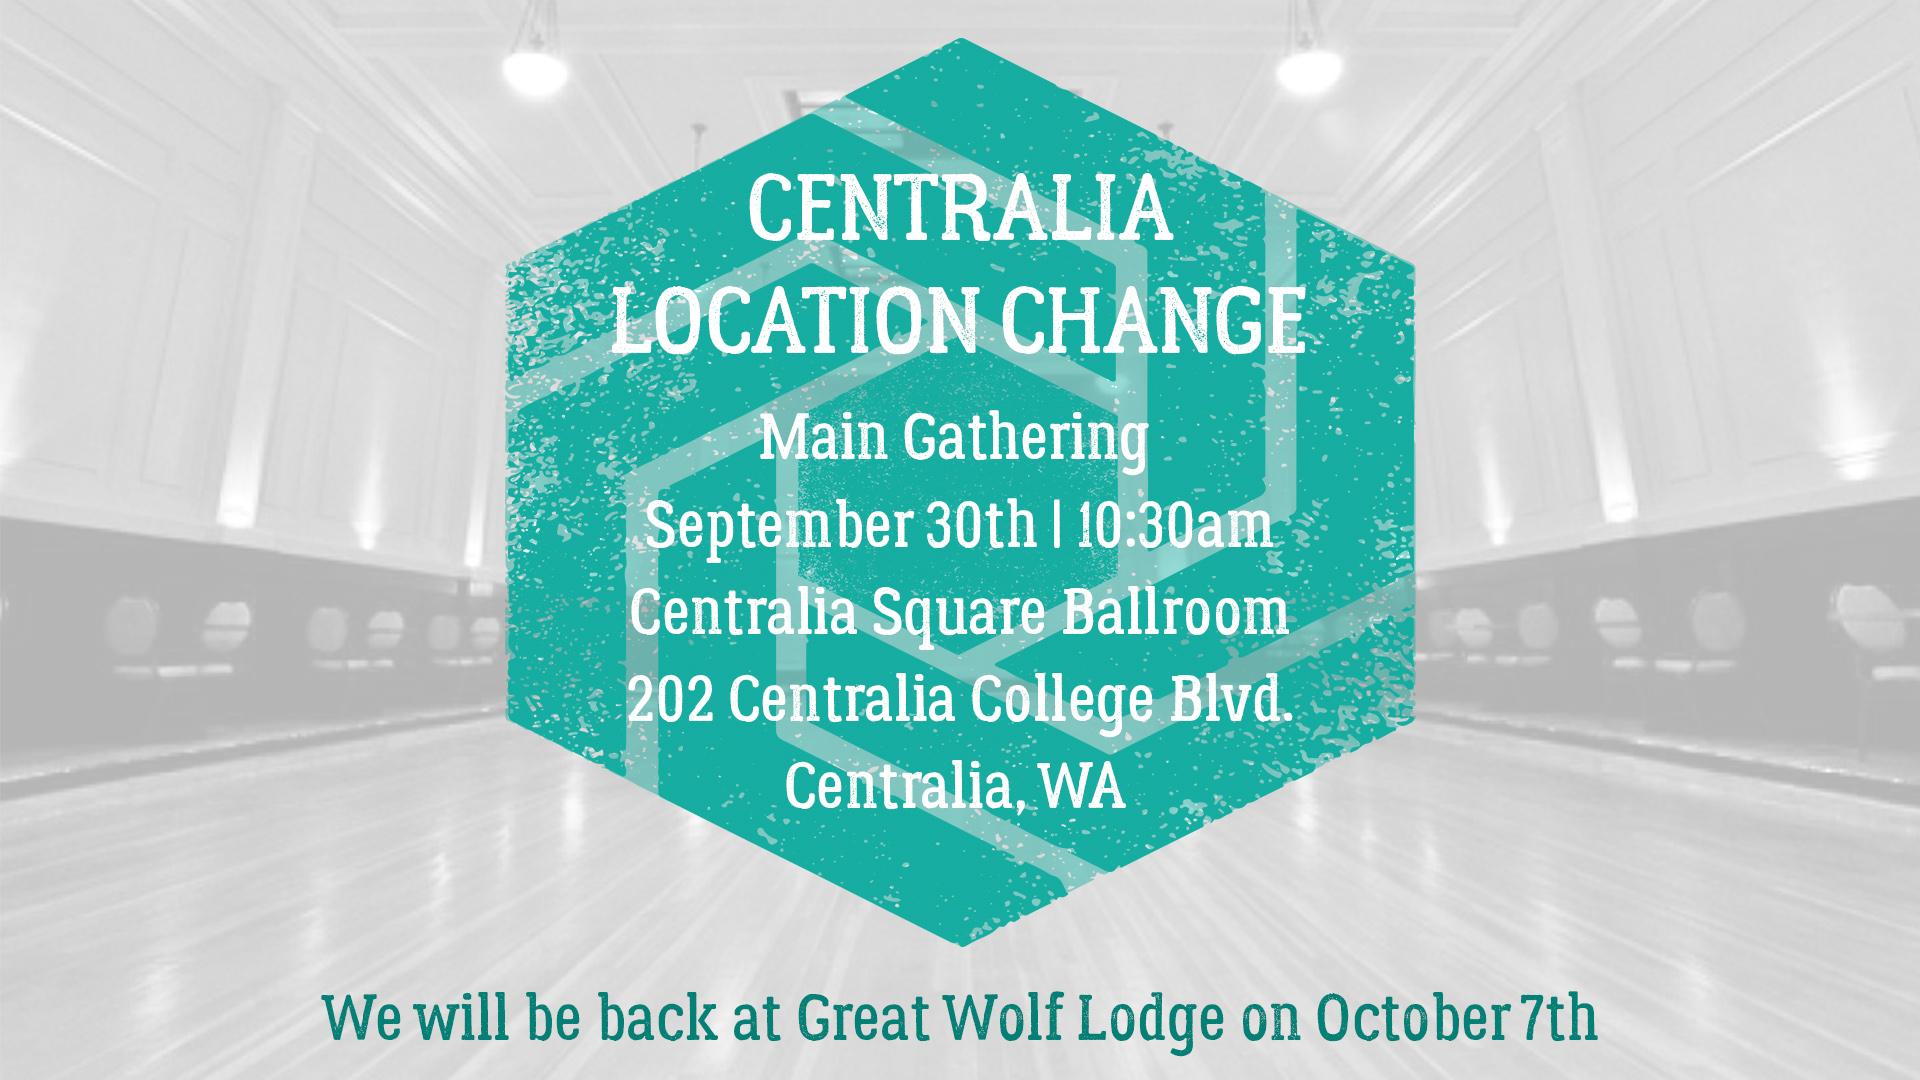 Centralia Location Change 9.30 Ann Slide.jpg